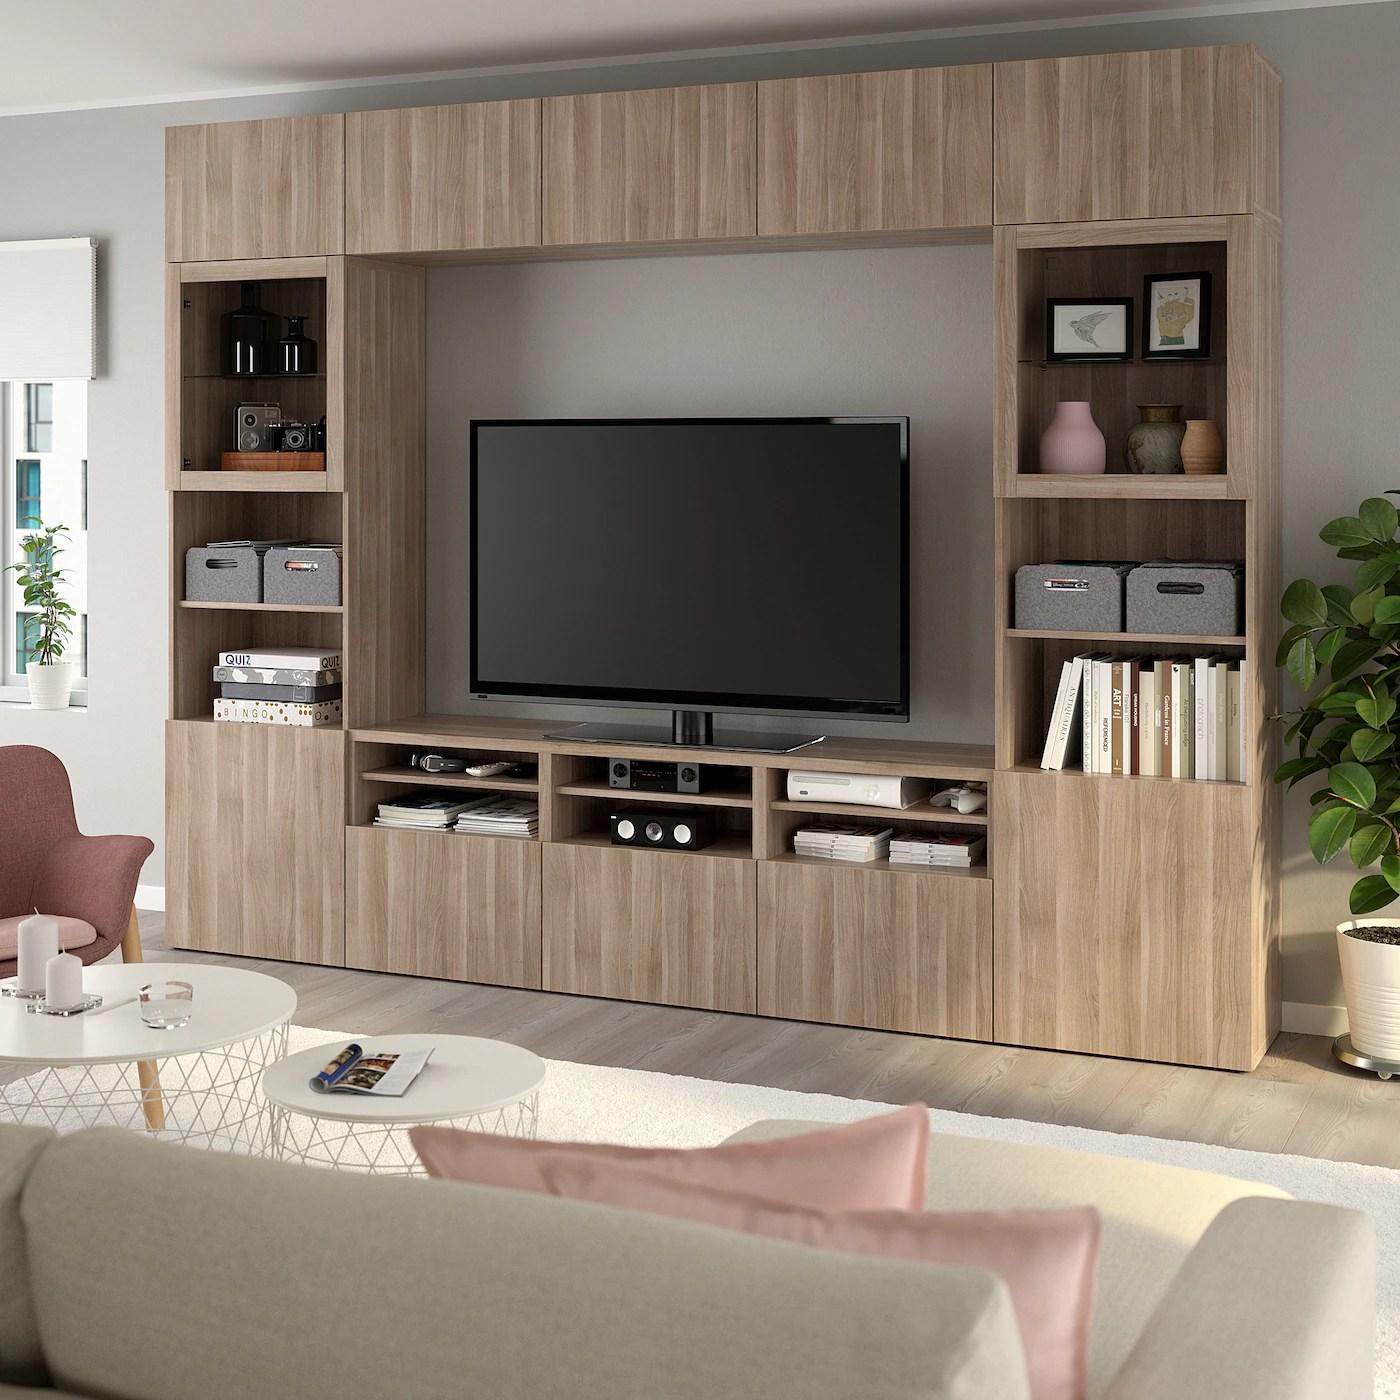 Bonus mobili ed elettrodomestici 2021. Serie Besta Mobili Per Il Soggiorno Ikea It